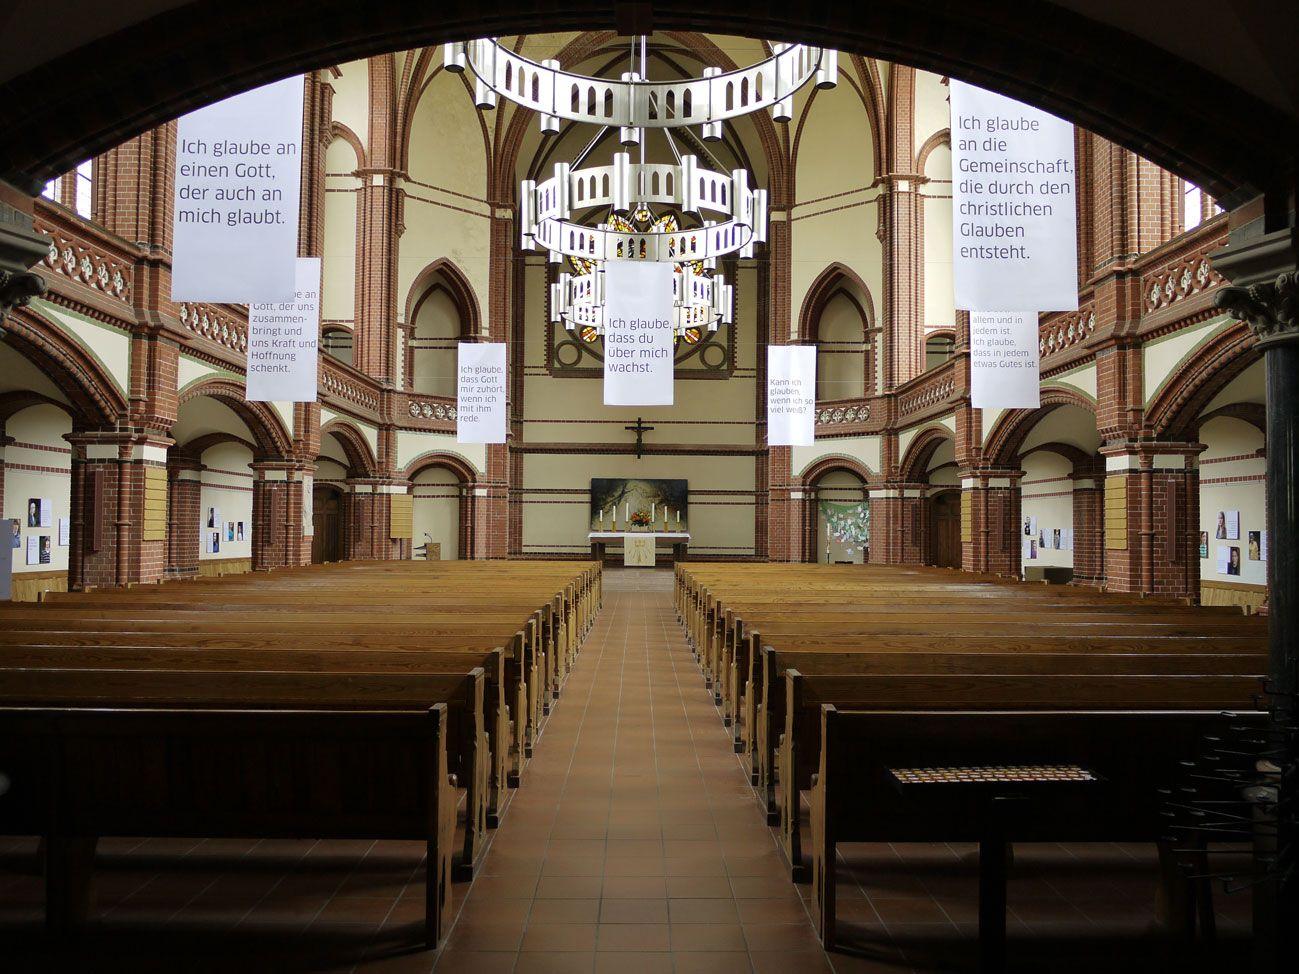 Foto-Austellung April 2012, Ev. Kirche Zum Guten Hirten, Berlin-Friedenau